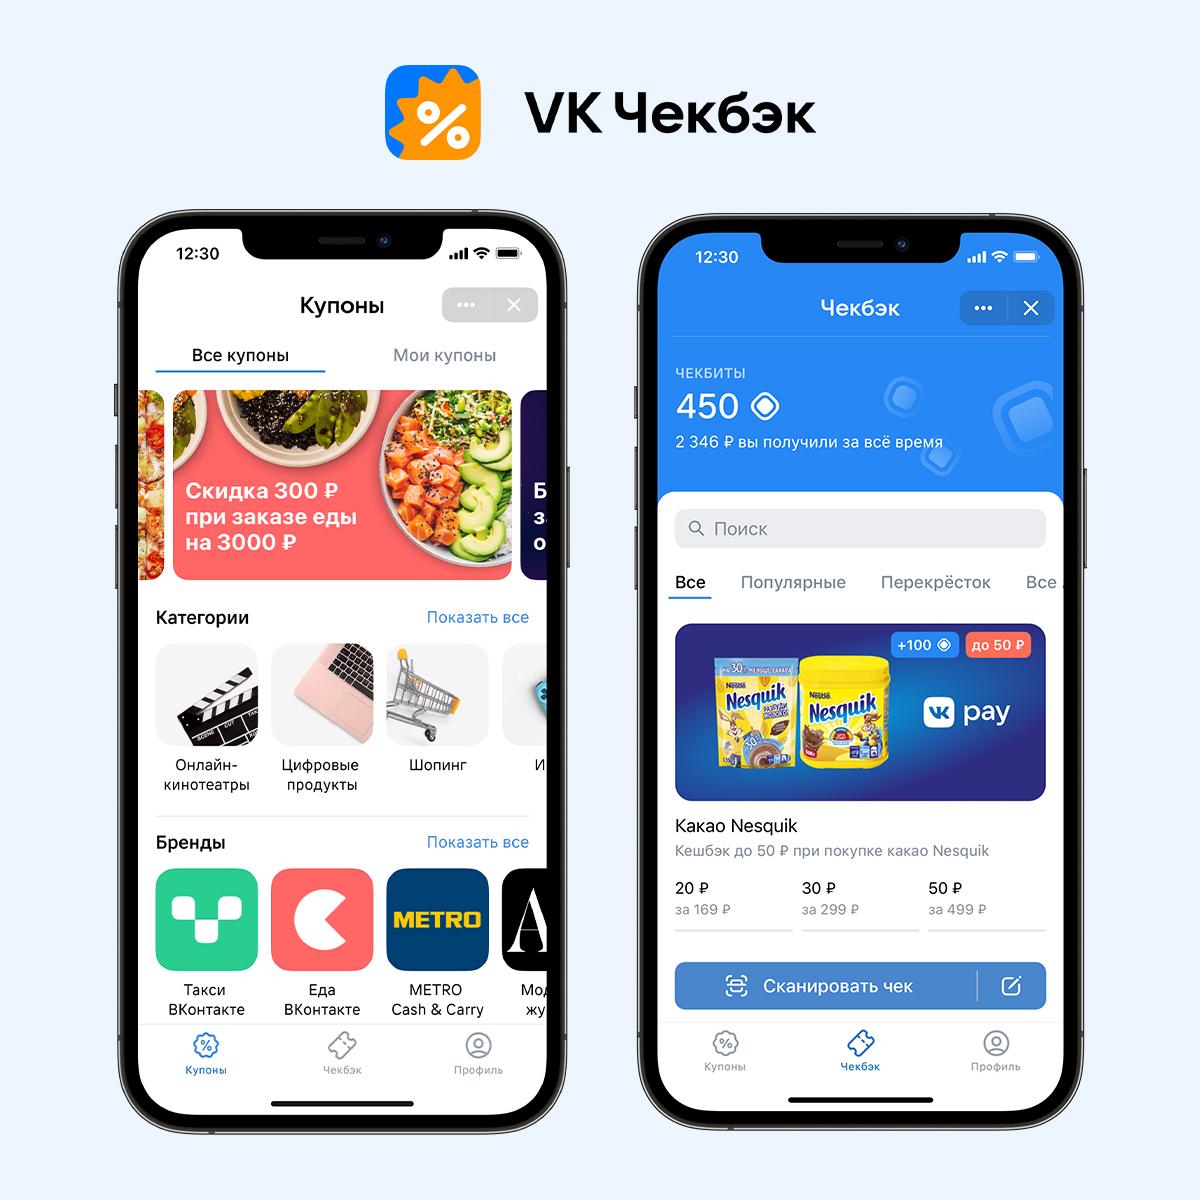 ВКонтакте выпустил обновленную версию «VK Чекбэк»